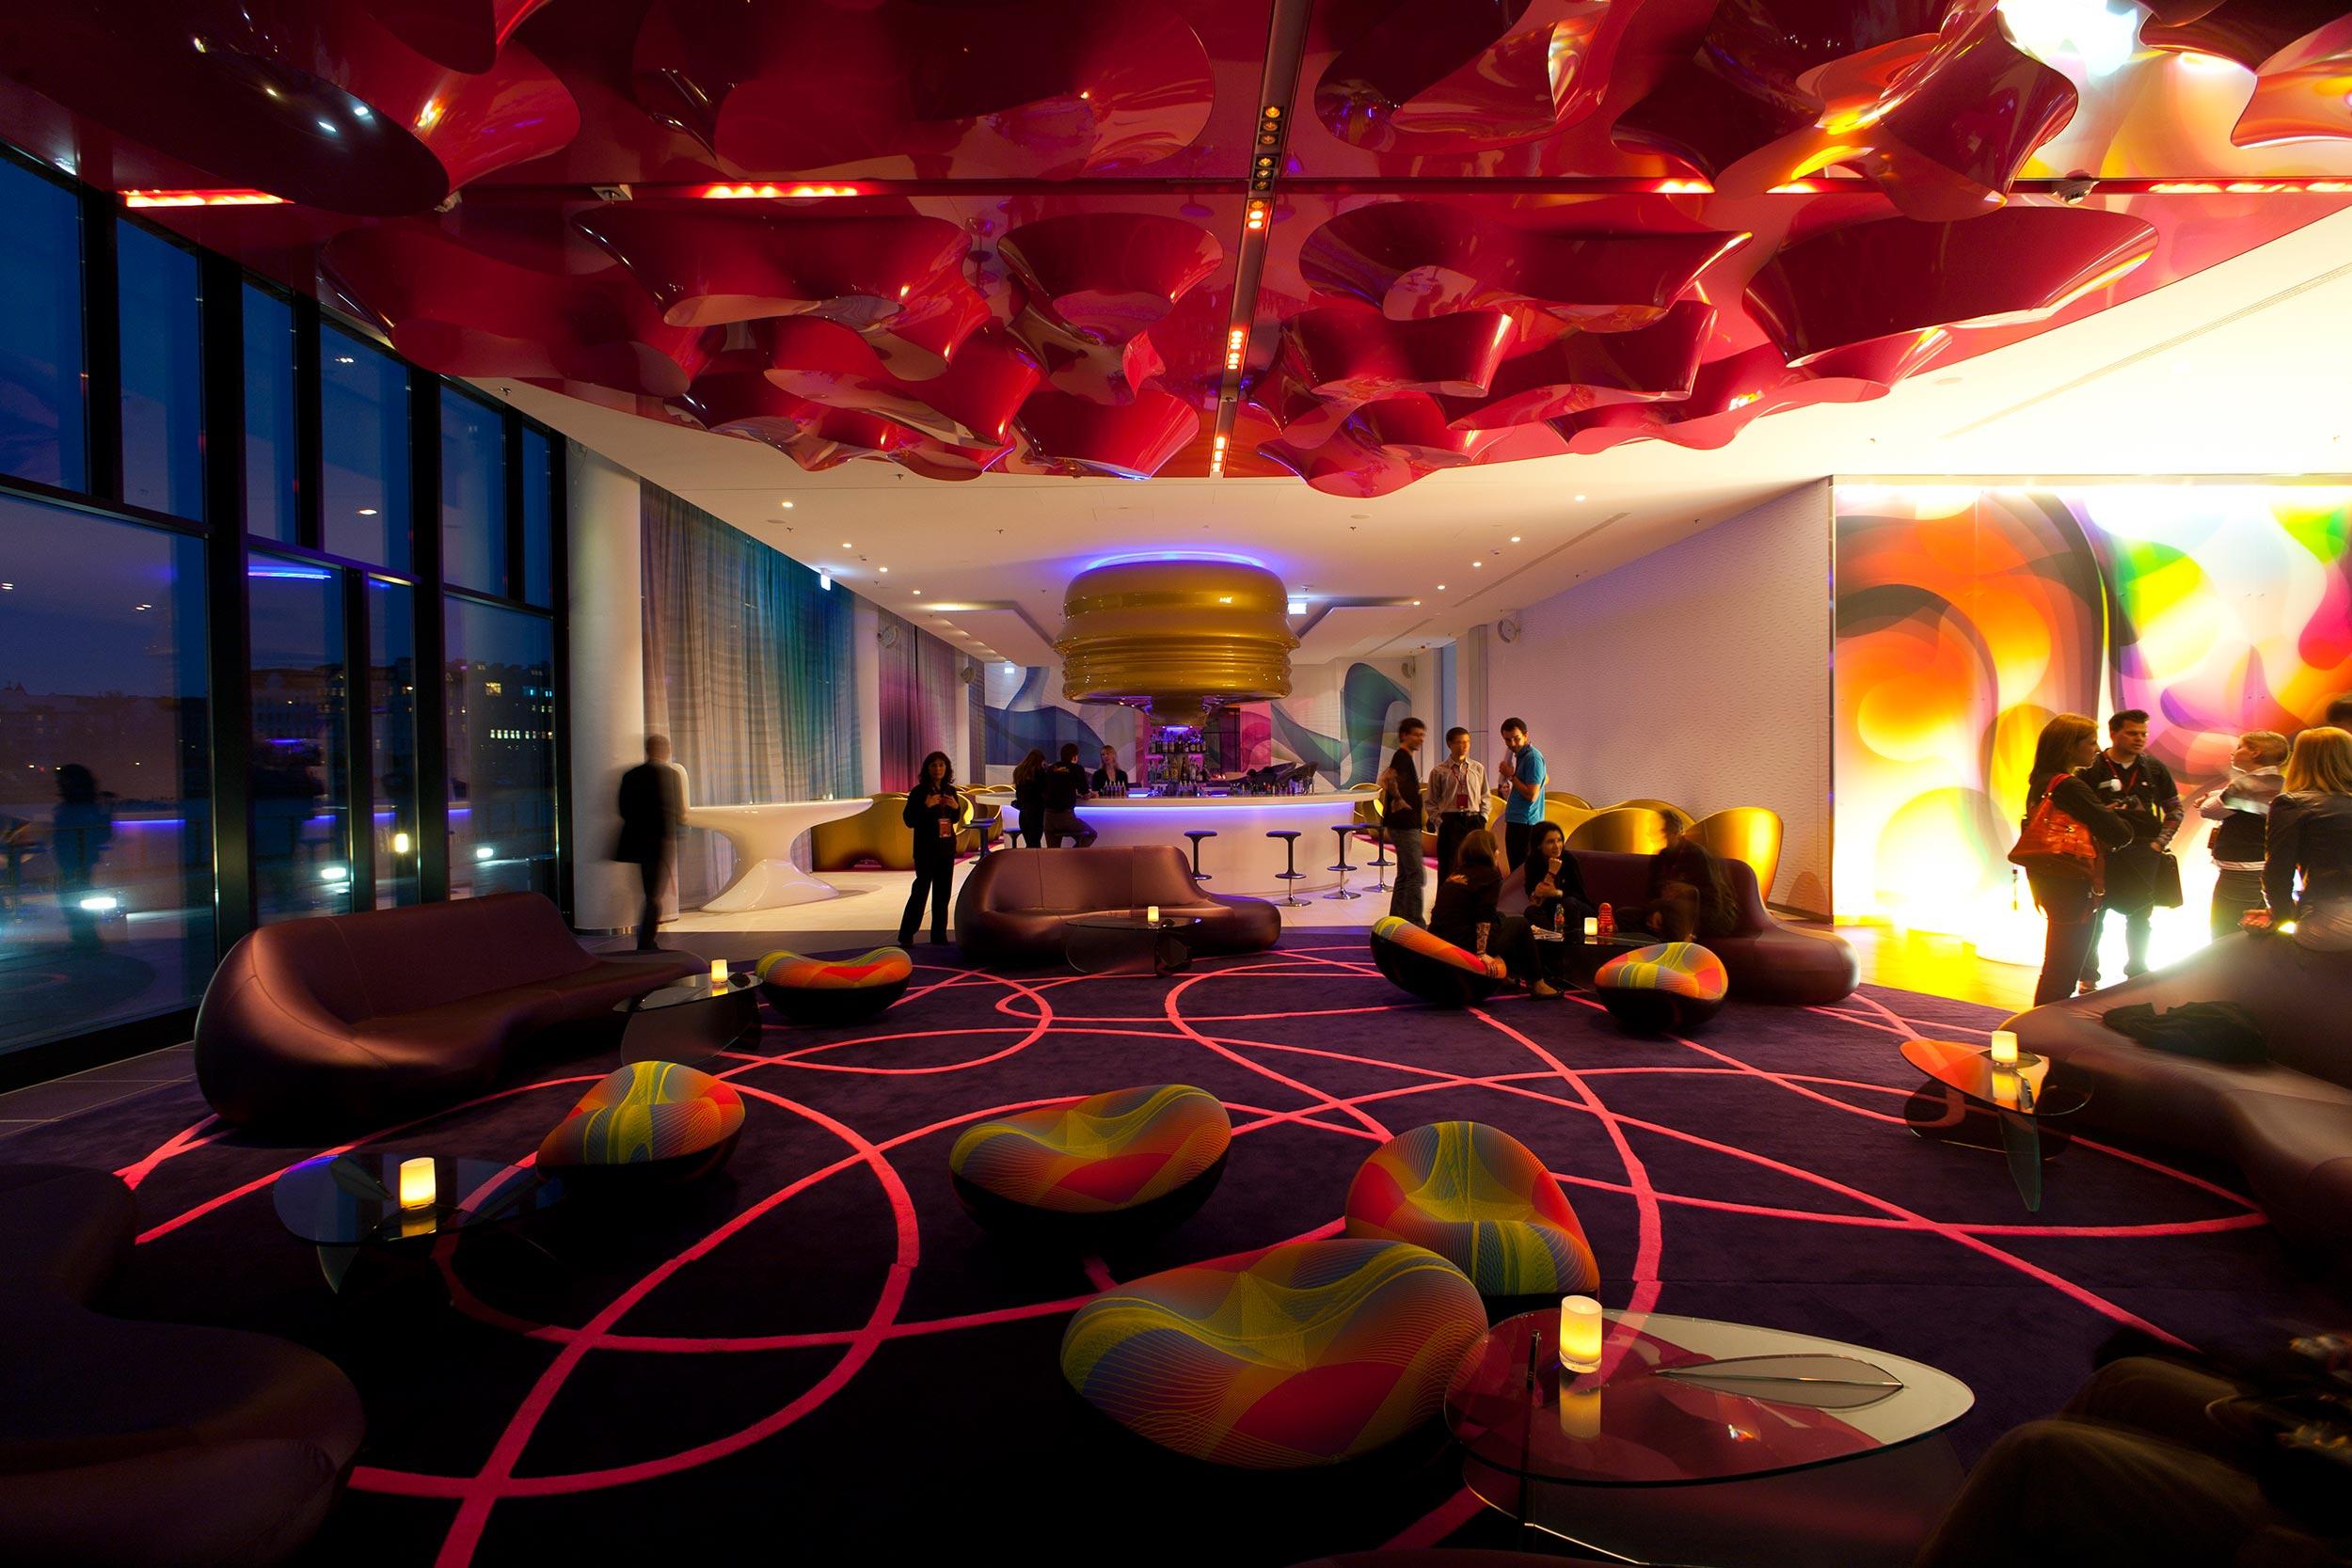 24 nhow Hotel Berlin Blick von Lobby Richtung Bar.jpg